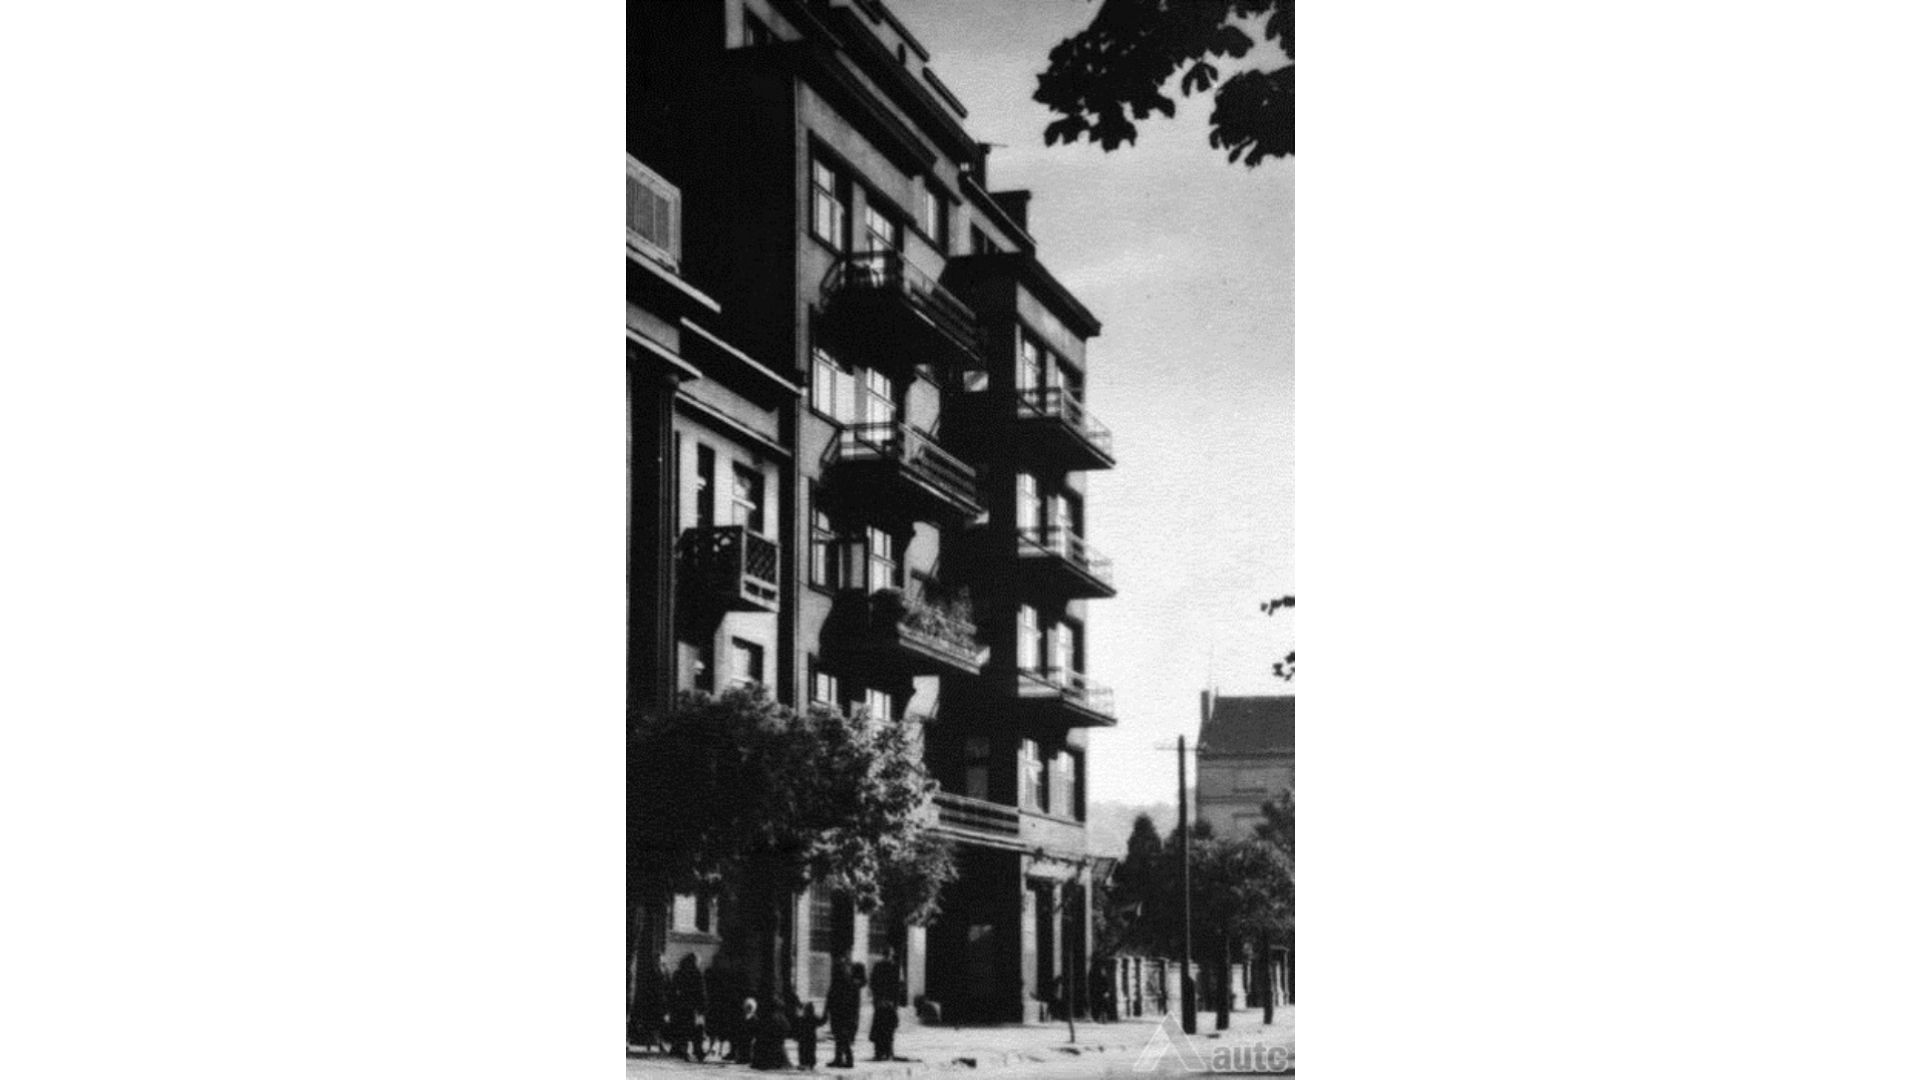 lapėno namas istorinė nuotrauka